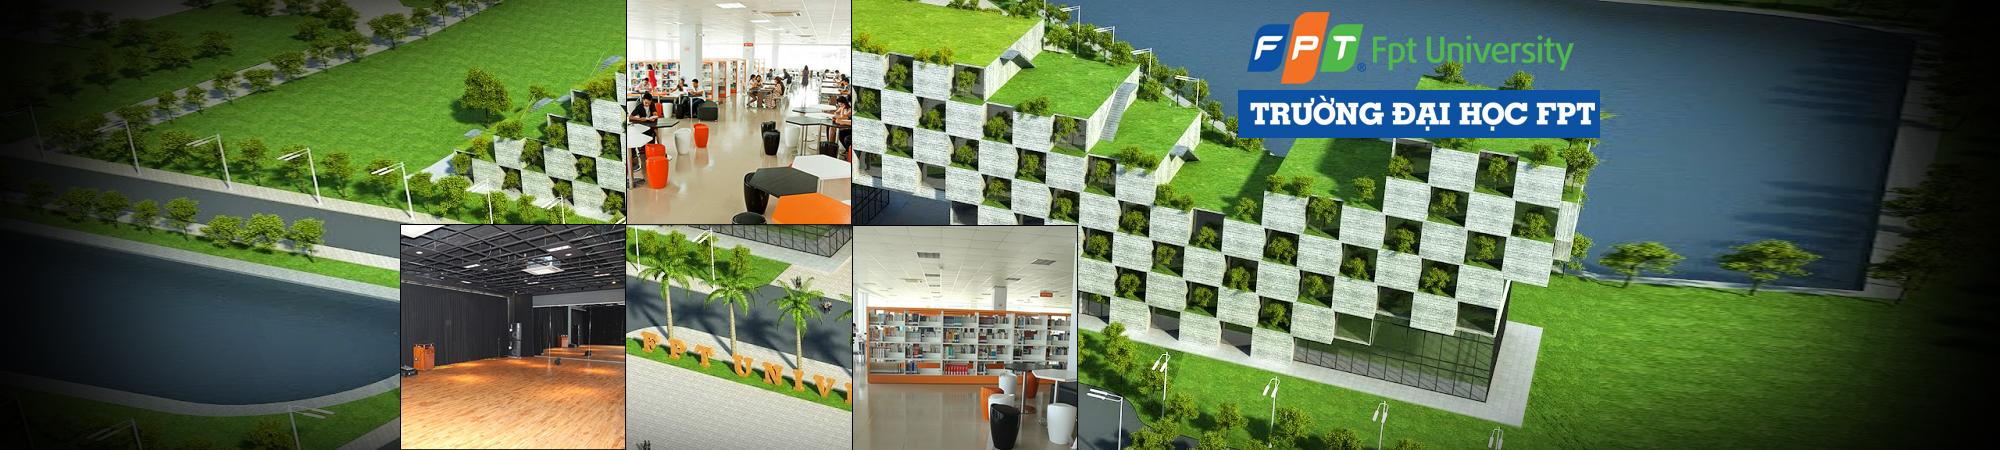 Dự án tiêu biểu do Hợp Phát cung cấp và thi công - Đại học FPT Hà Nội